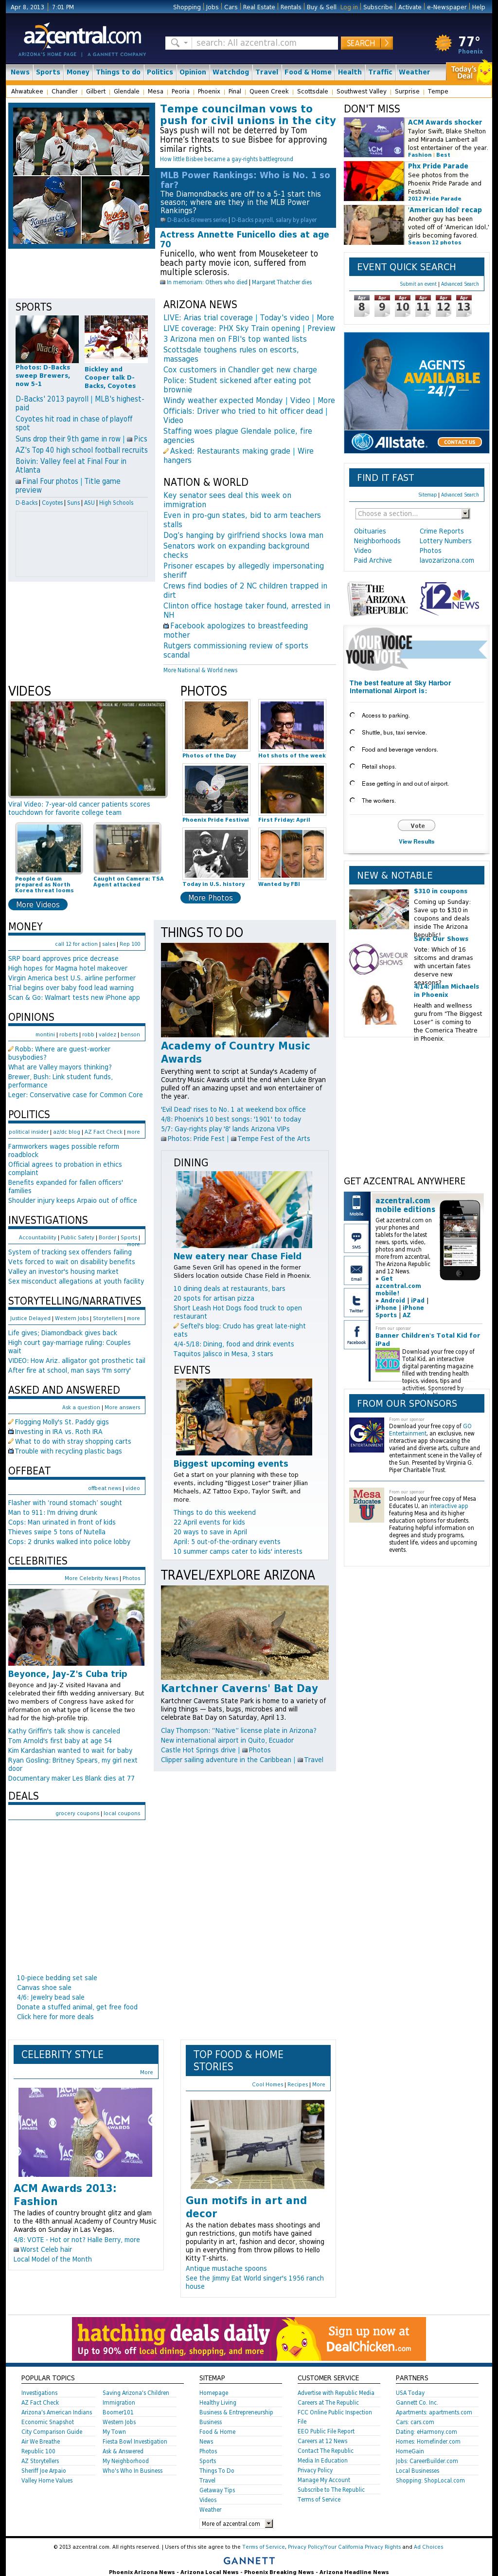 azcentral.com at Monday April 8, 2013, 7:01 p.m. UTC